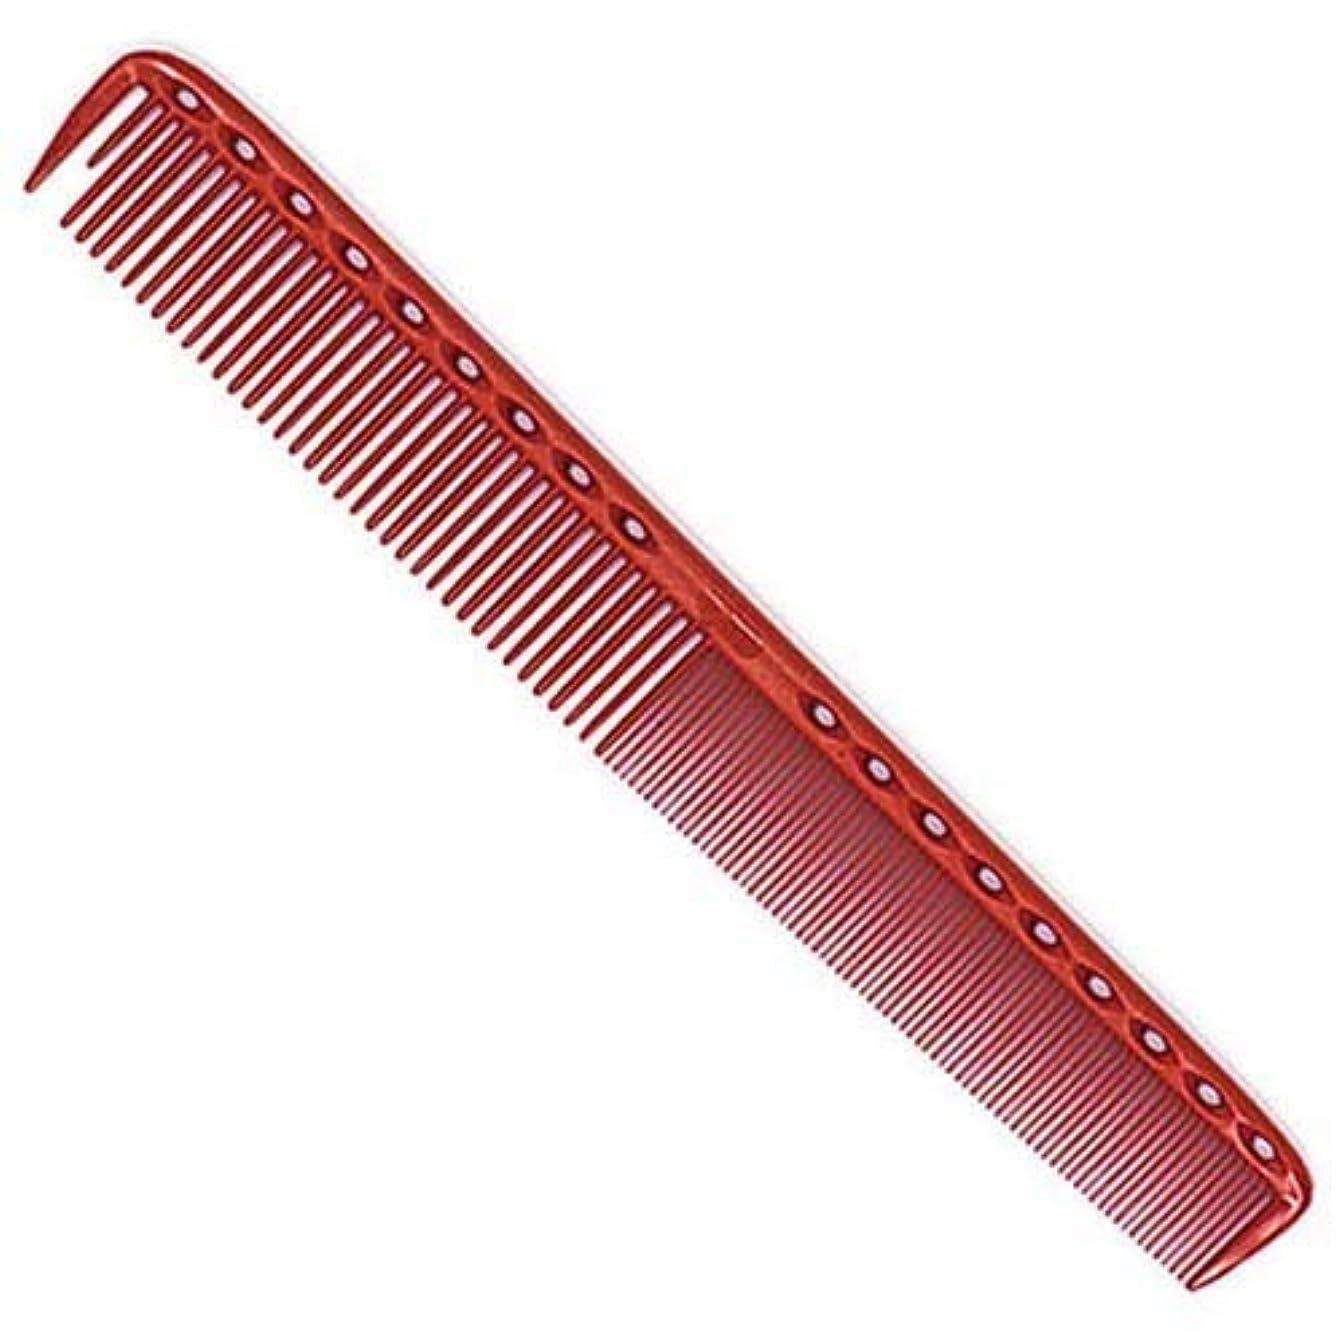 ディスパッチコンピューター中央YS Park 335 Fine Cutting Comb (Extra Long) - Red [並行輸入品]